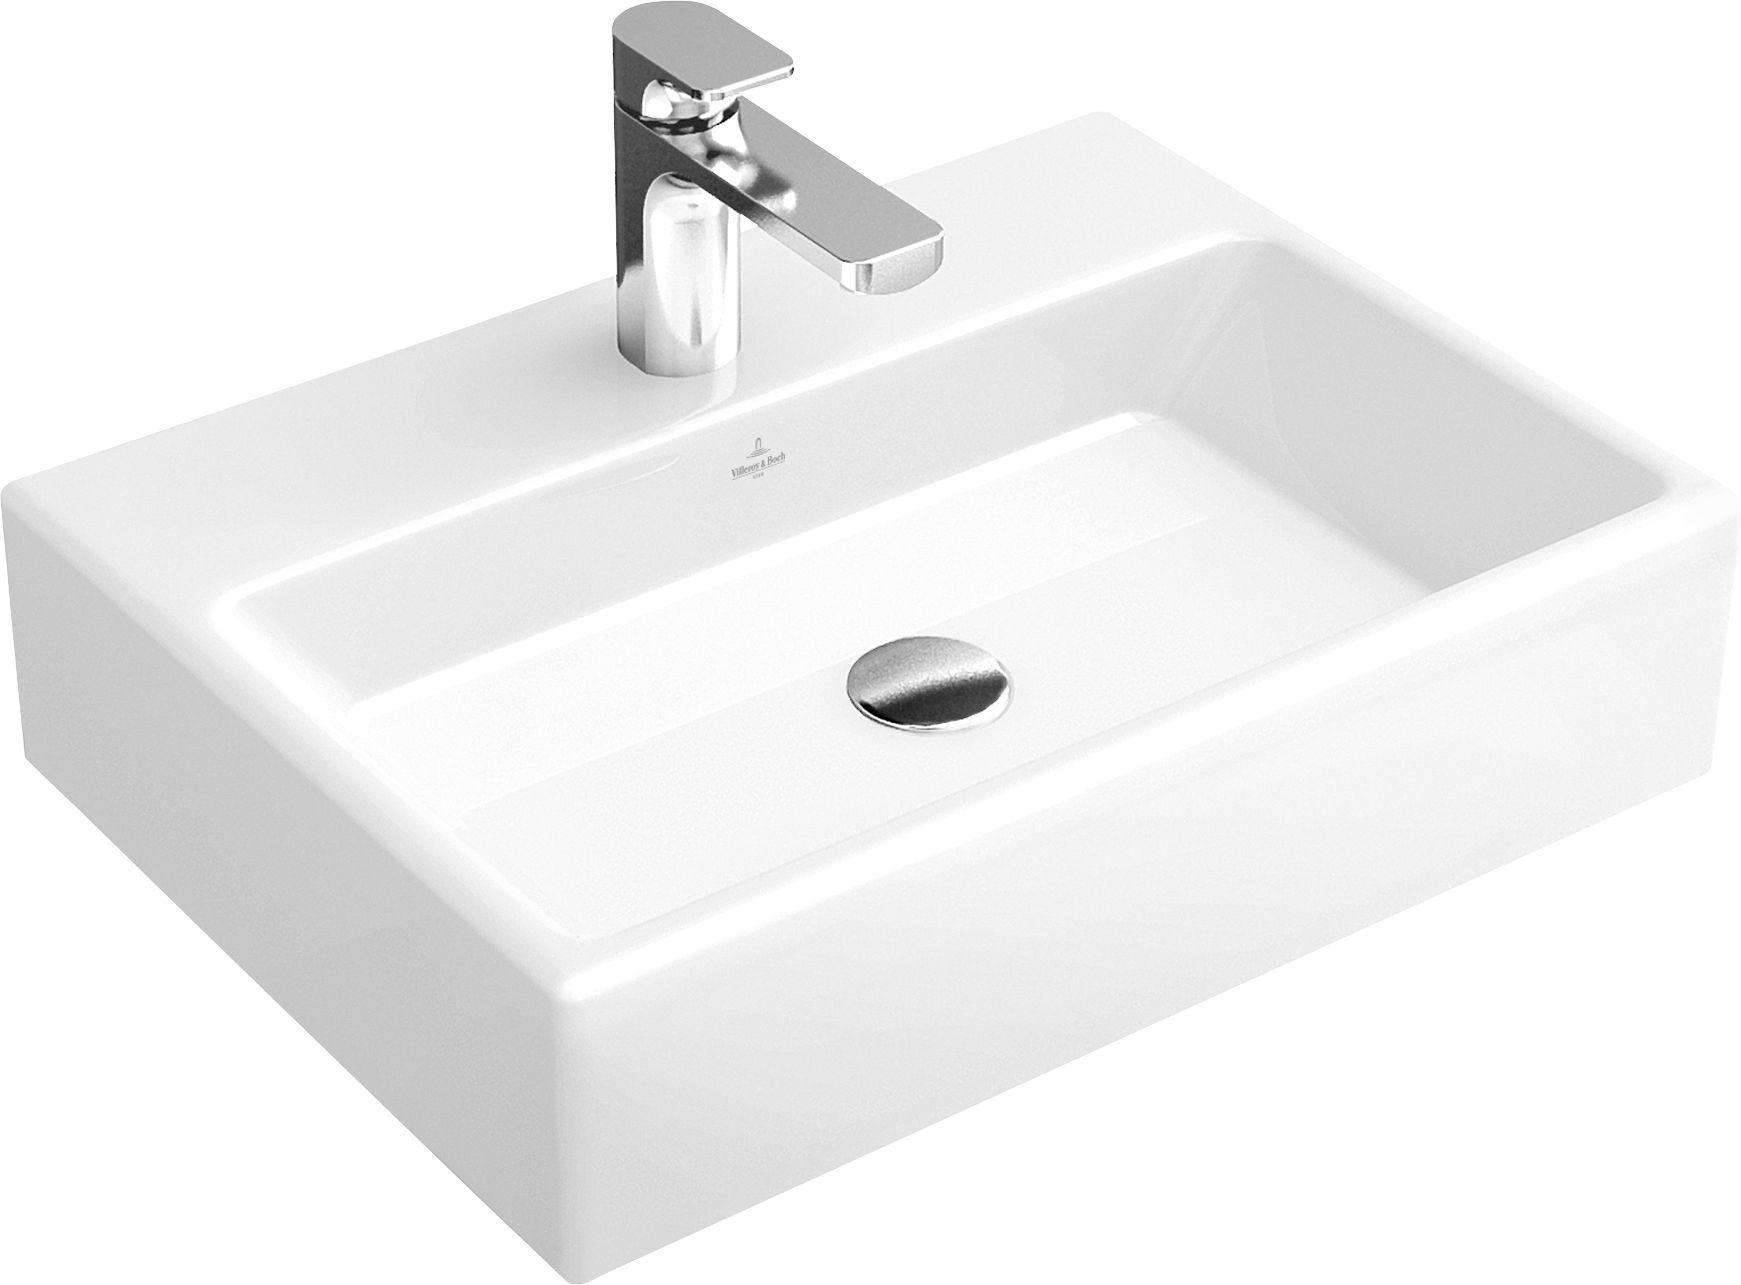 Villeroy & Boch Memento Waschtisch B:50xT:42cm 1 Hahnloch ohne Überlauf weiß mit Ceramicplus 51335GR1